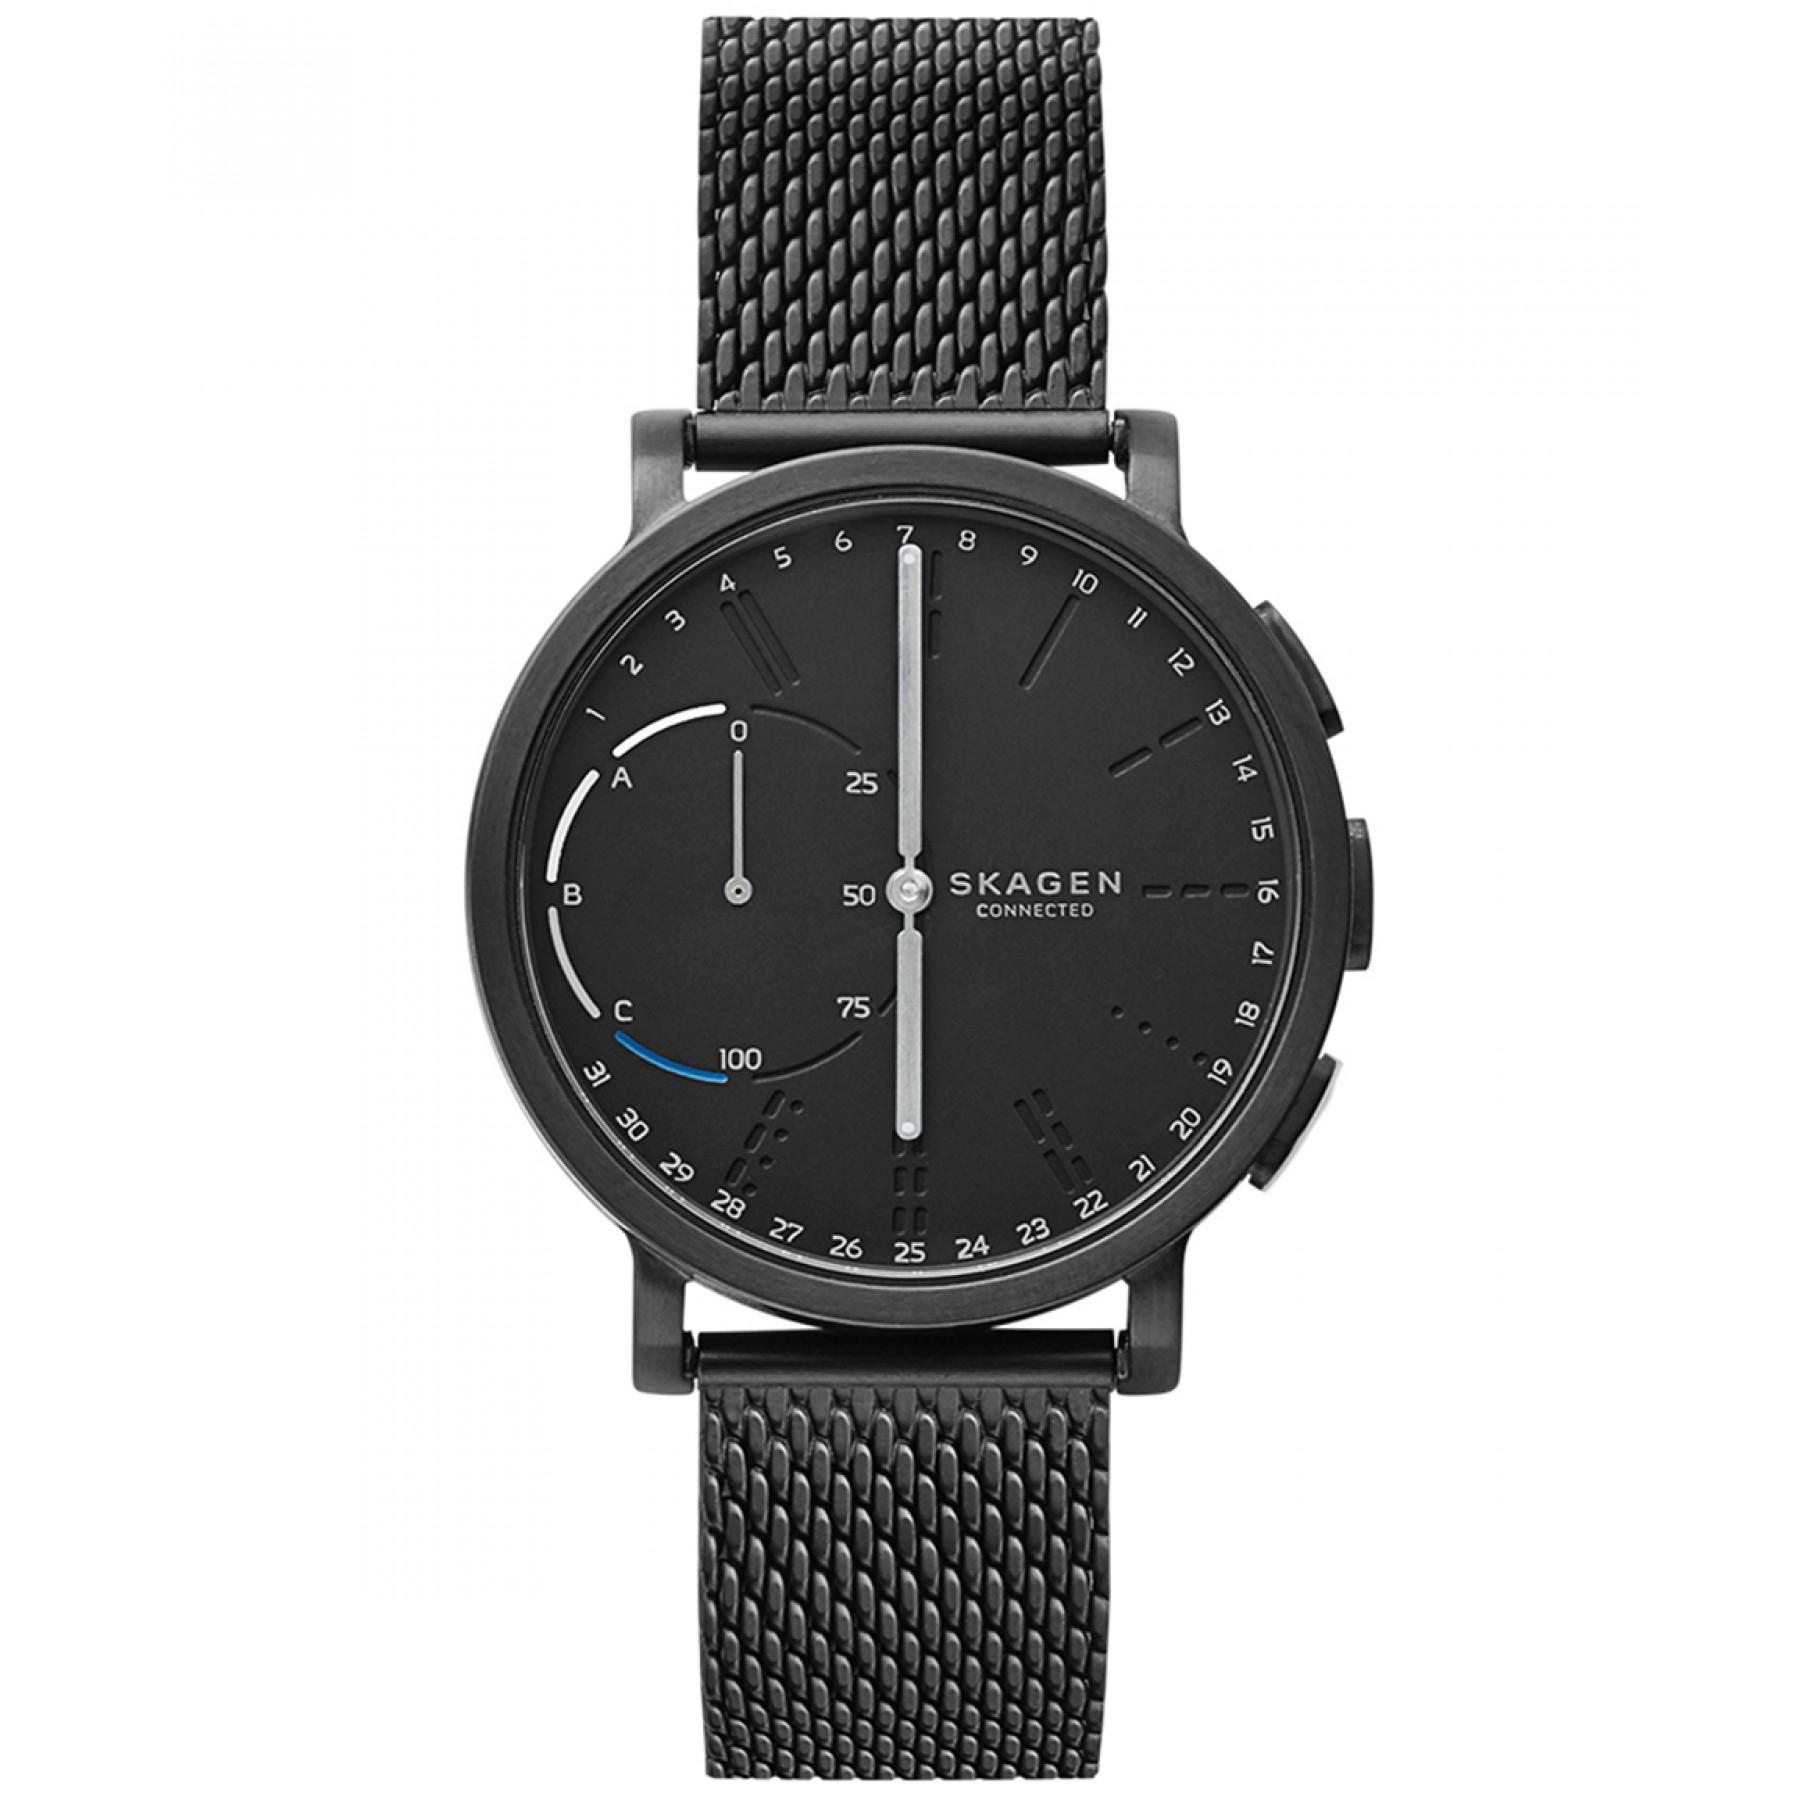 Palacio de hierro Smartwatch hibrido varias marcas Previo al Hot Sale